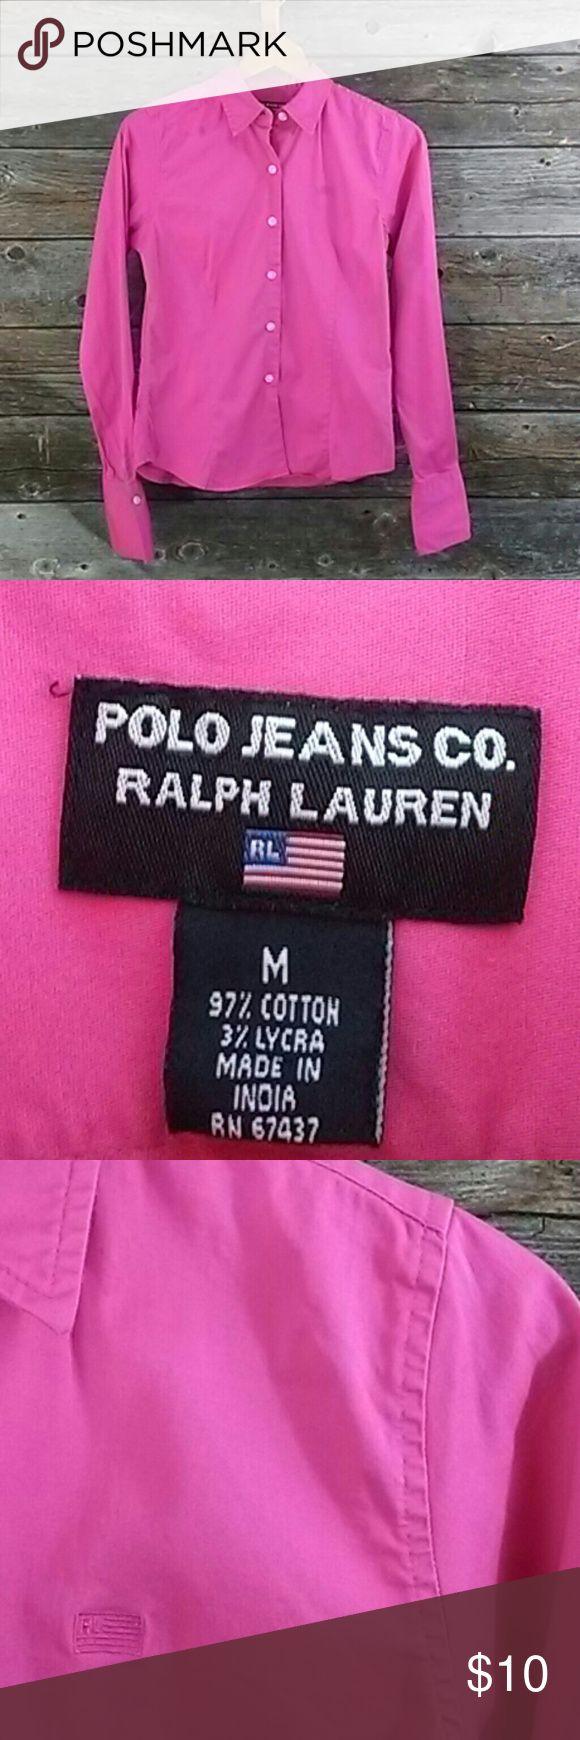 Polo Jean Co Ralph Lauren shirt Polo Jean Co Ralph Lauren button down long sleeve shirt. Size M. Super cute darker pink shirt. Soft cotton shirt. Polo Jeans Co Ralph Lauren  Tops Button Down Shirts